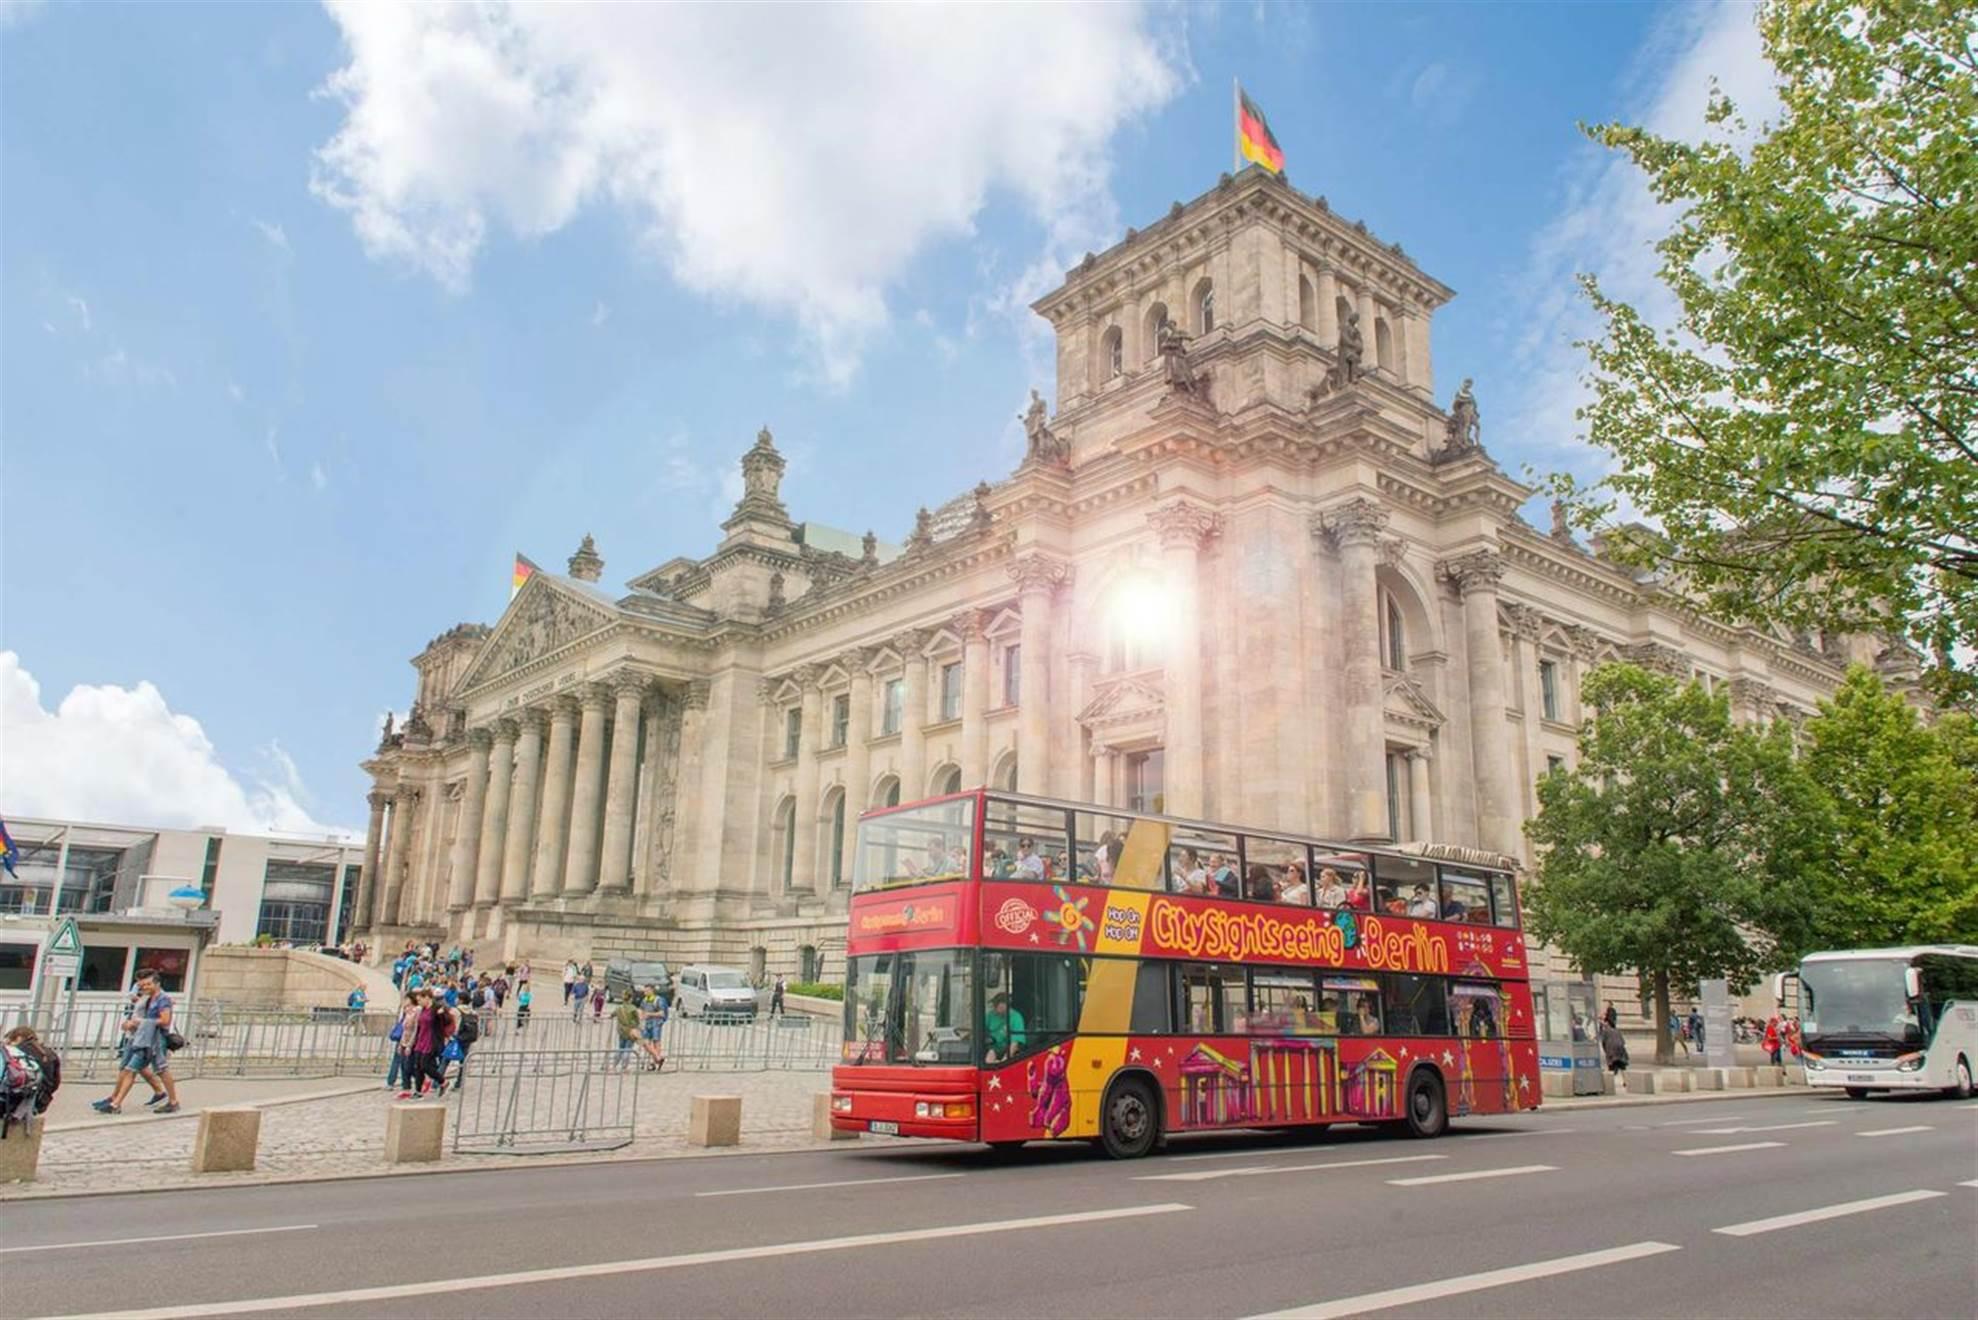 Berlin Hop-on Hop-off Bus